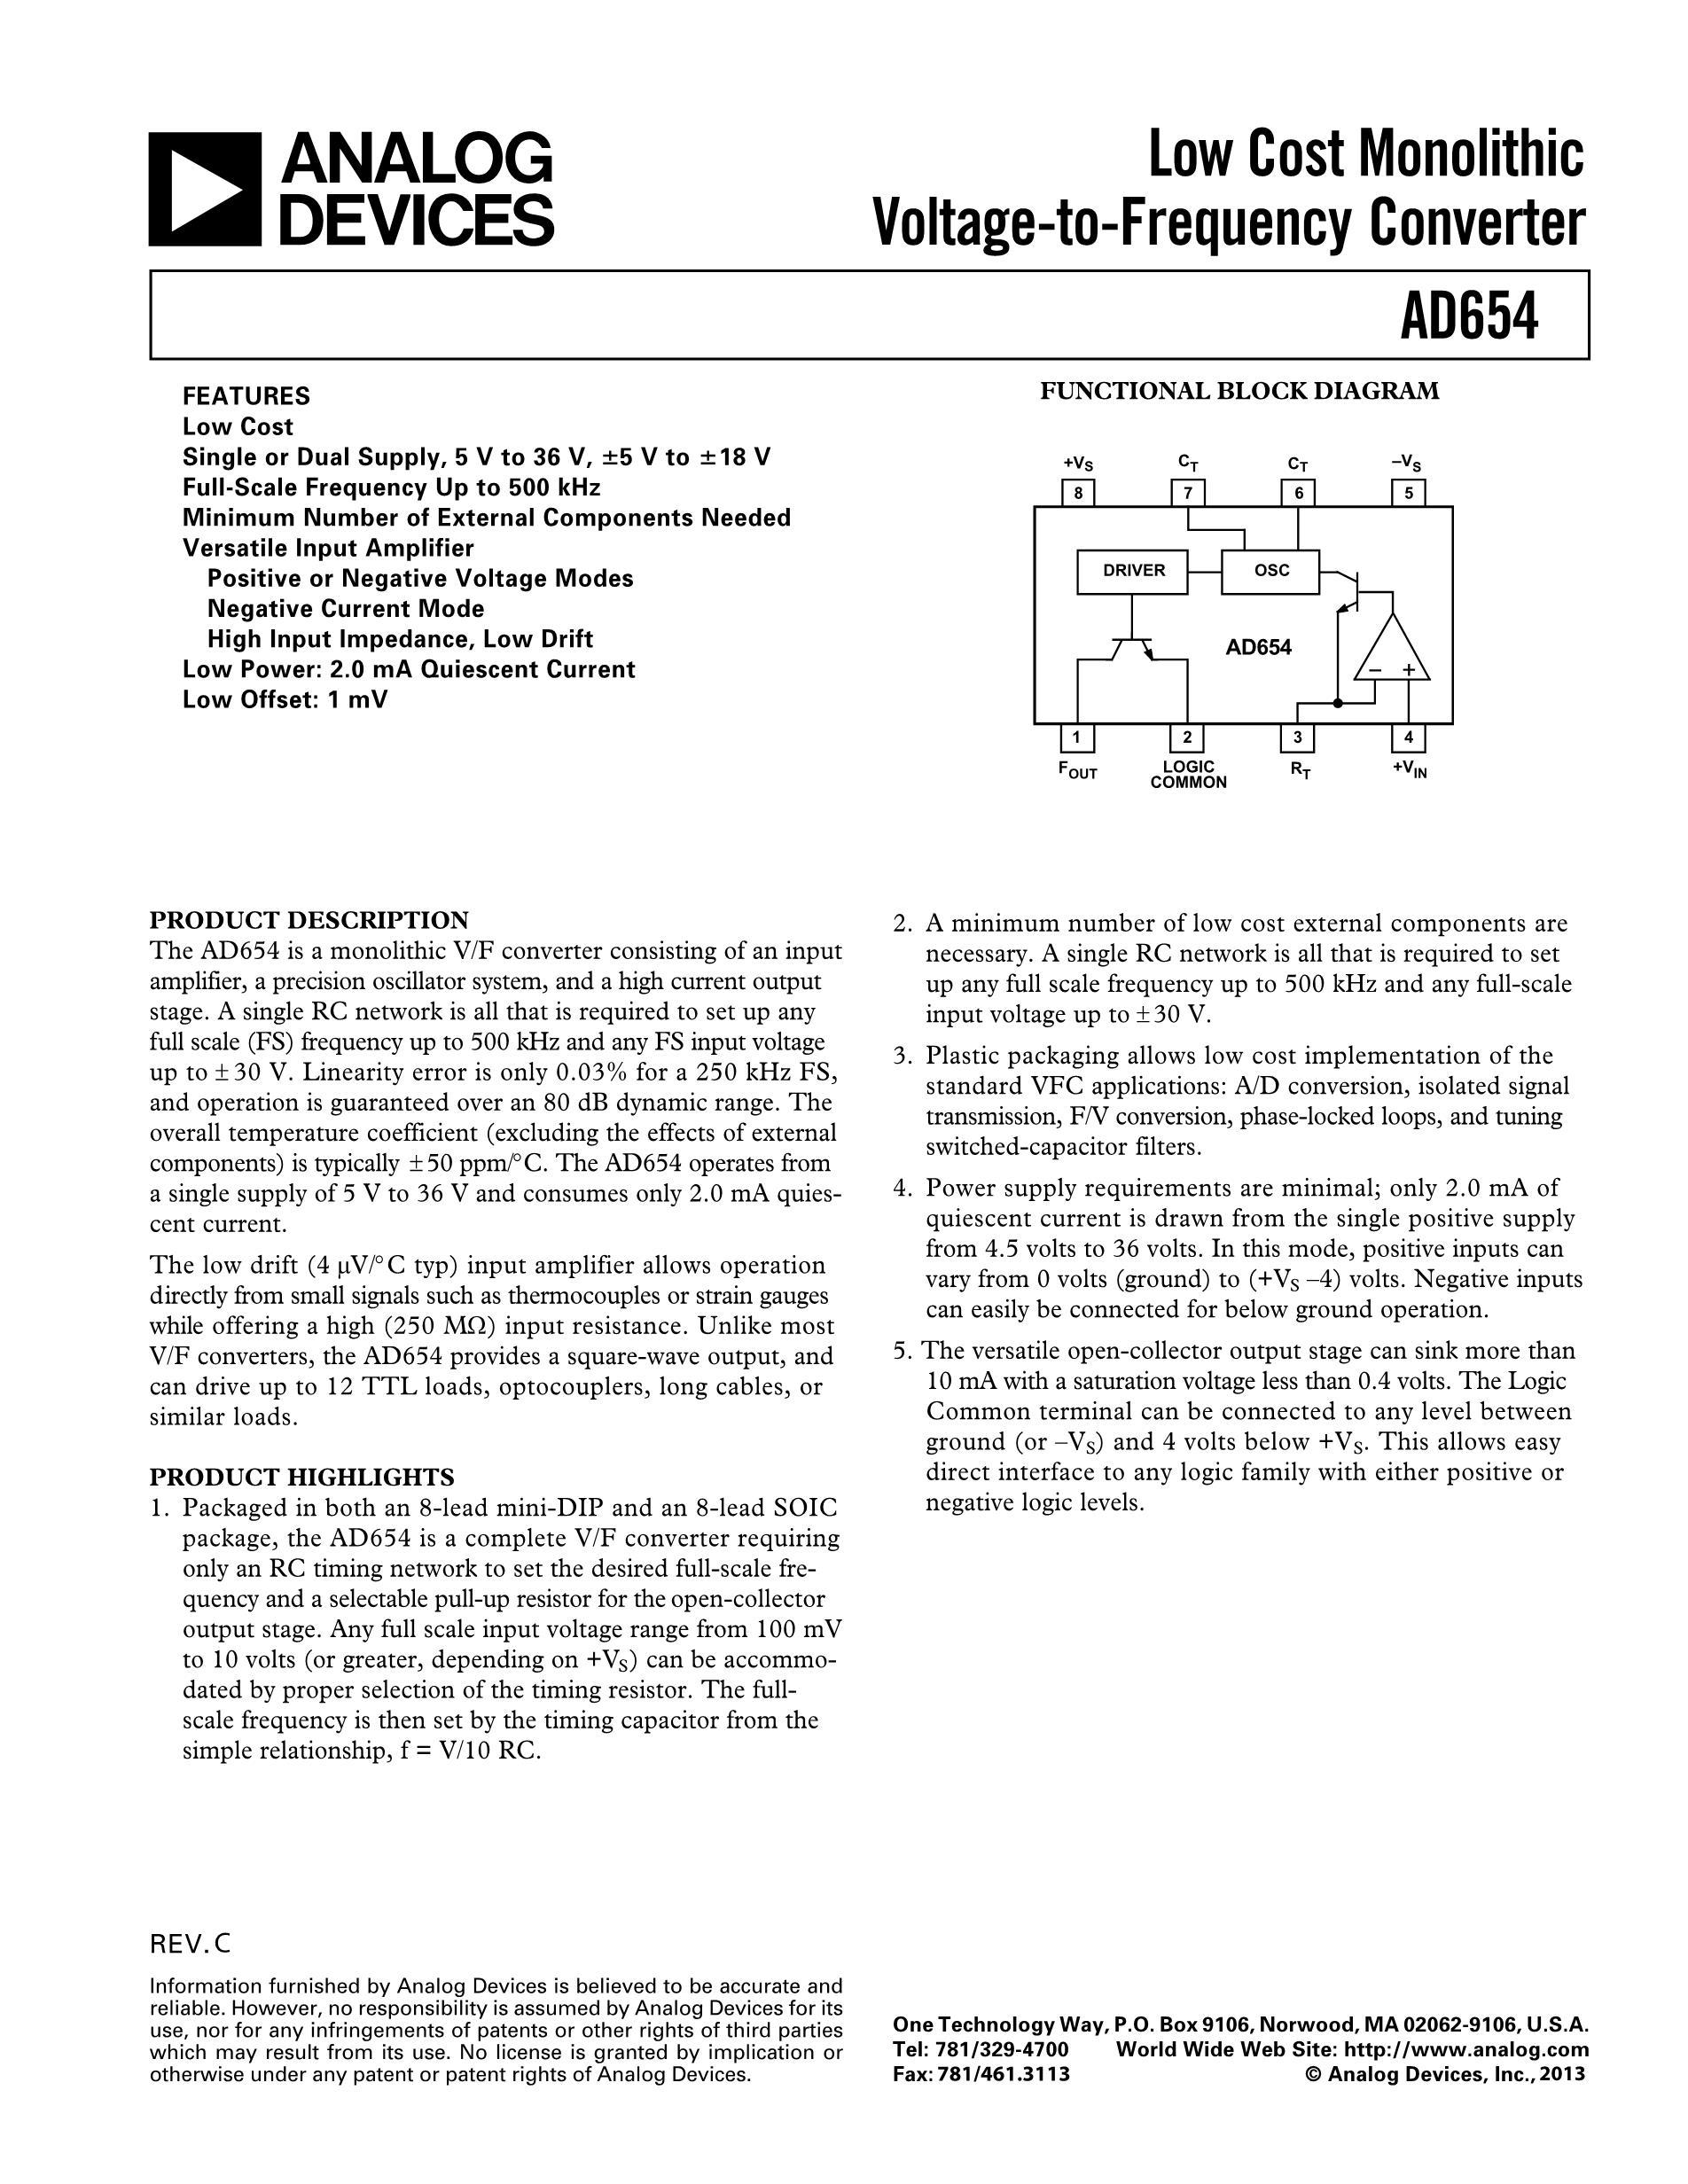 AD654JRZ's pdf picture 1